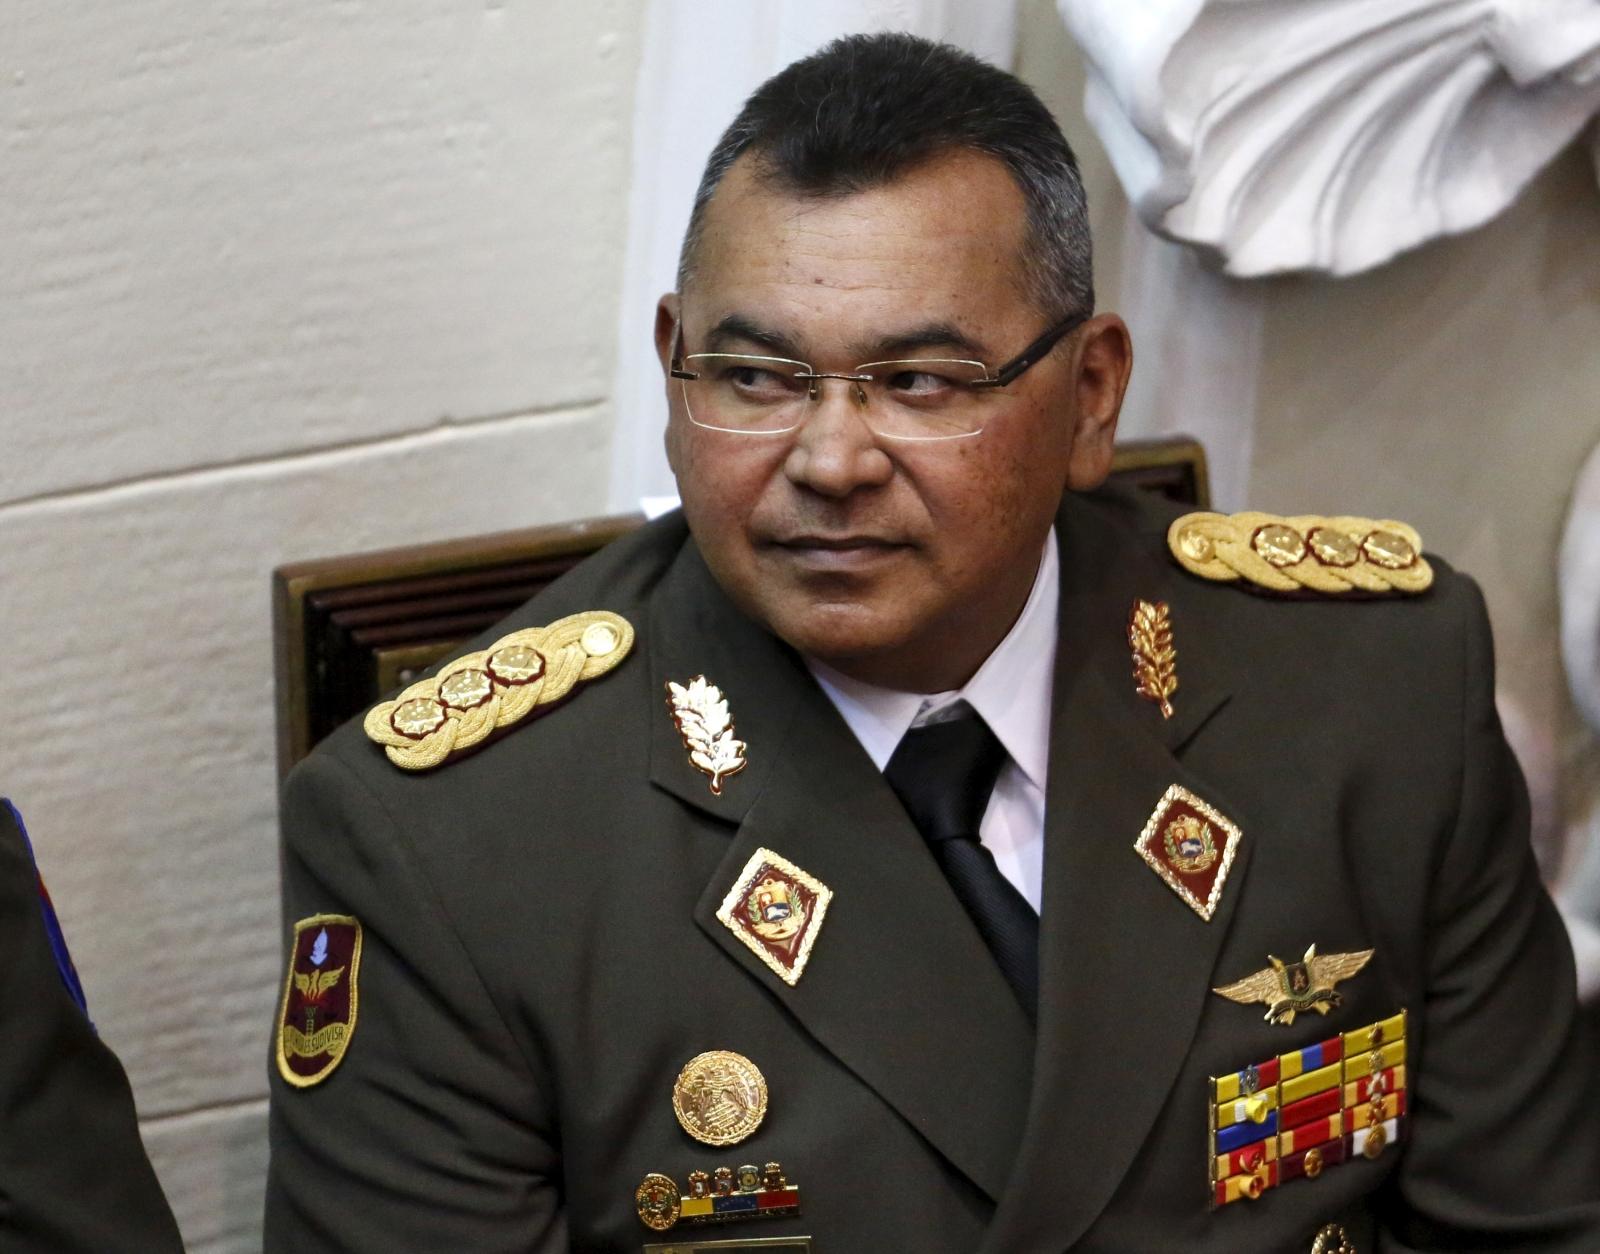 Venezuelan minister Nestor Reverol